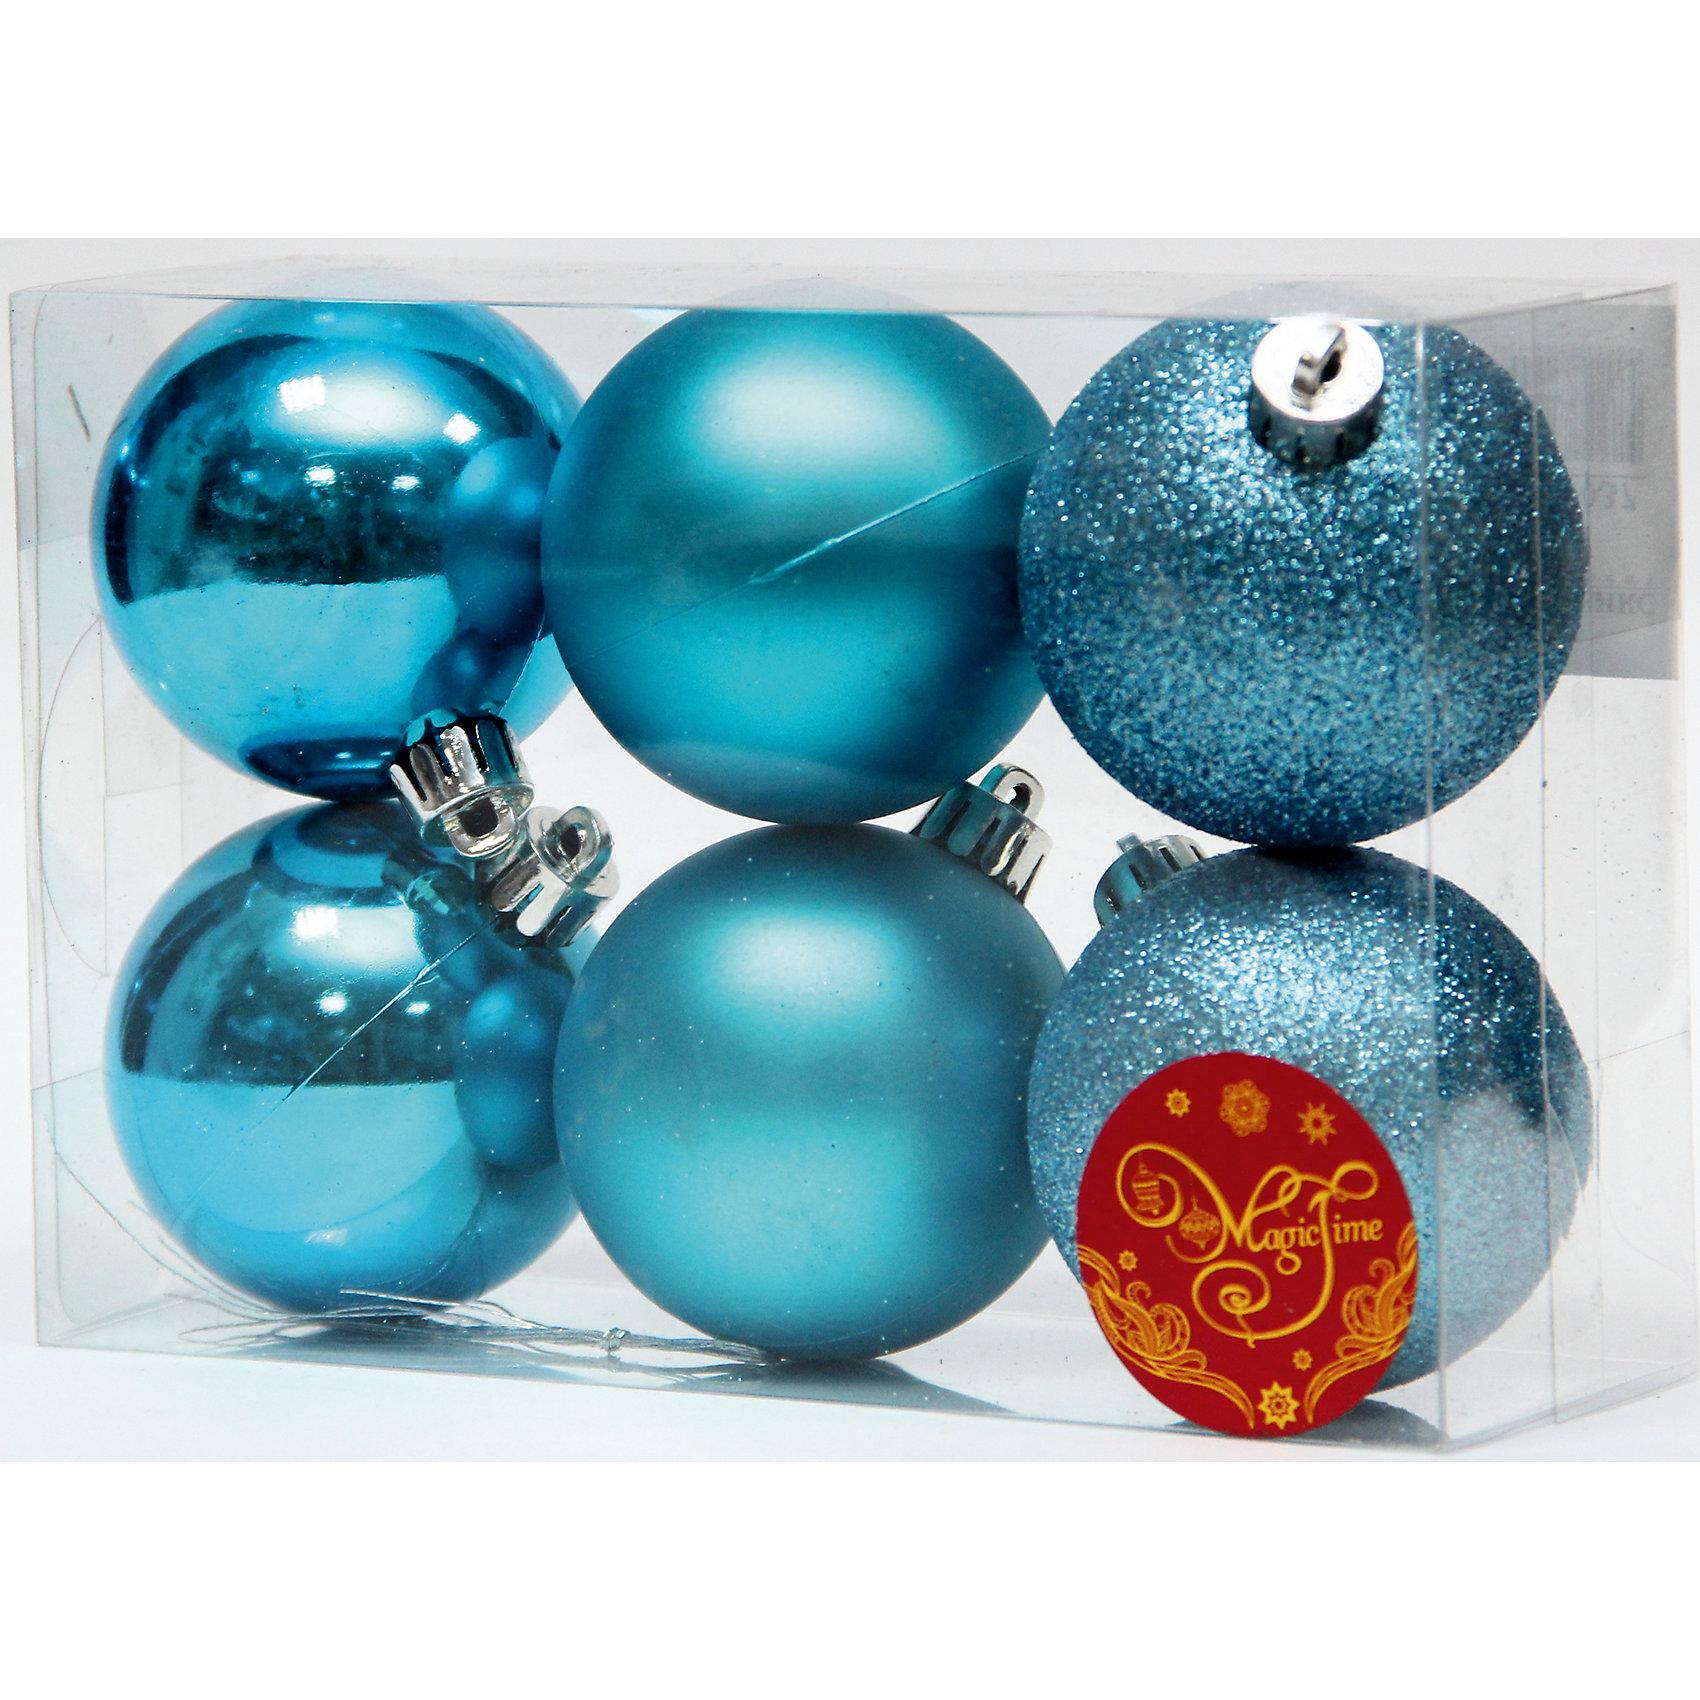 Набор шаров Бирюзовый блеск 6 штВсё для праздника<br>Набор шаров Бирюзовый блеск 6 шт – этот набор принесет в ваш дом ни с чем несравнимое ощущение праздника!<br>Набор новогодних подвесных украшений Бирюзовый блеск прекрасно подойдет для праздничного декора вашей ели. Набор состоит из 6 шаров бирюзового цвета, изготовленных из полистирола, - 2 матовых, 2 глянцевых, 2 покрытых глиттером. Для удобного размещения на елке для каждого шара предусмотрена петелька. Елочная игрушка - символ Нового года. Она несет в себе волшебство и красоту праздника. Создайте в своем доме атмосферу веселья и радости, украшая новогоднюю елку нарядными игрушками, которые будут из года в год накапливать теплоту воспоминаний. Откройте для себя удивительный мир сказок и грез. Почувствуйте волшебные минуты ожидания праздника, создайте новогоднее настроение вашим близким.<br><br>Дополнительная информация:<br><br>- В наборе: 6 шаров<br>- Материал: полистирол<br>- Цвет: бирюзовый<br>- Размер упаковки: 18 х 12 х 6 см.<br><br>Набор шаров Бирюзовый блеск 6 шт можно купить в нашем интернет-магазине.<br><br>Ширина мм: 300<br>Глубина мм: 250<br>Высота мм: 100<br>Вес г: 570<br>Возраст от месяцев: 36<br>Возраст до месяцев: 2147483647<br>Пол: Унисекс<br>Возраст: Детский<br>SKU: 4981535